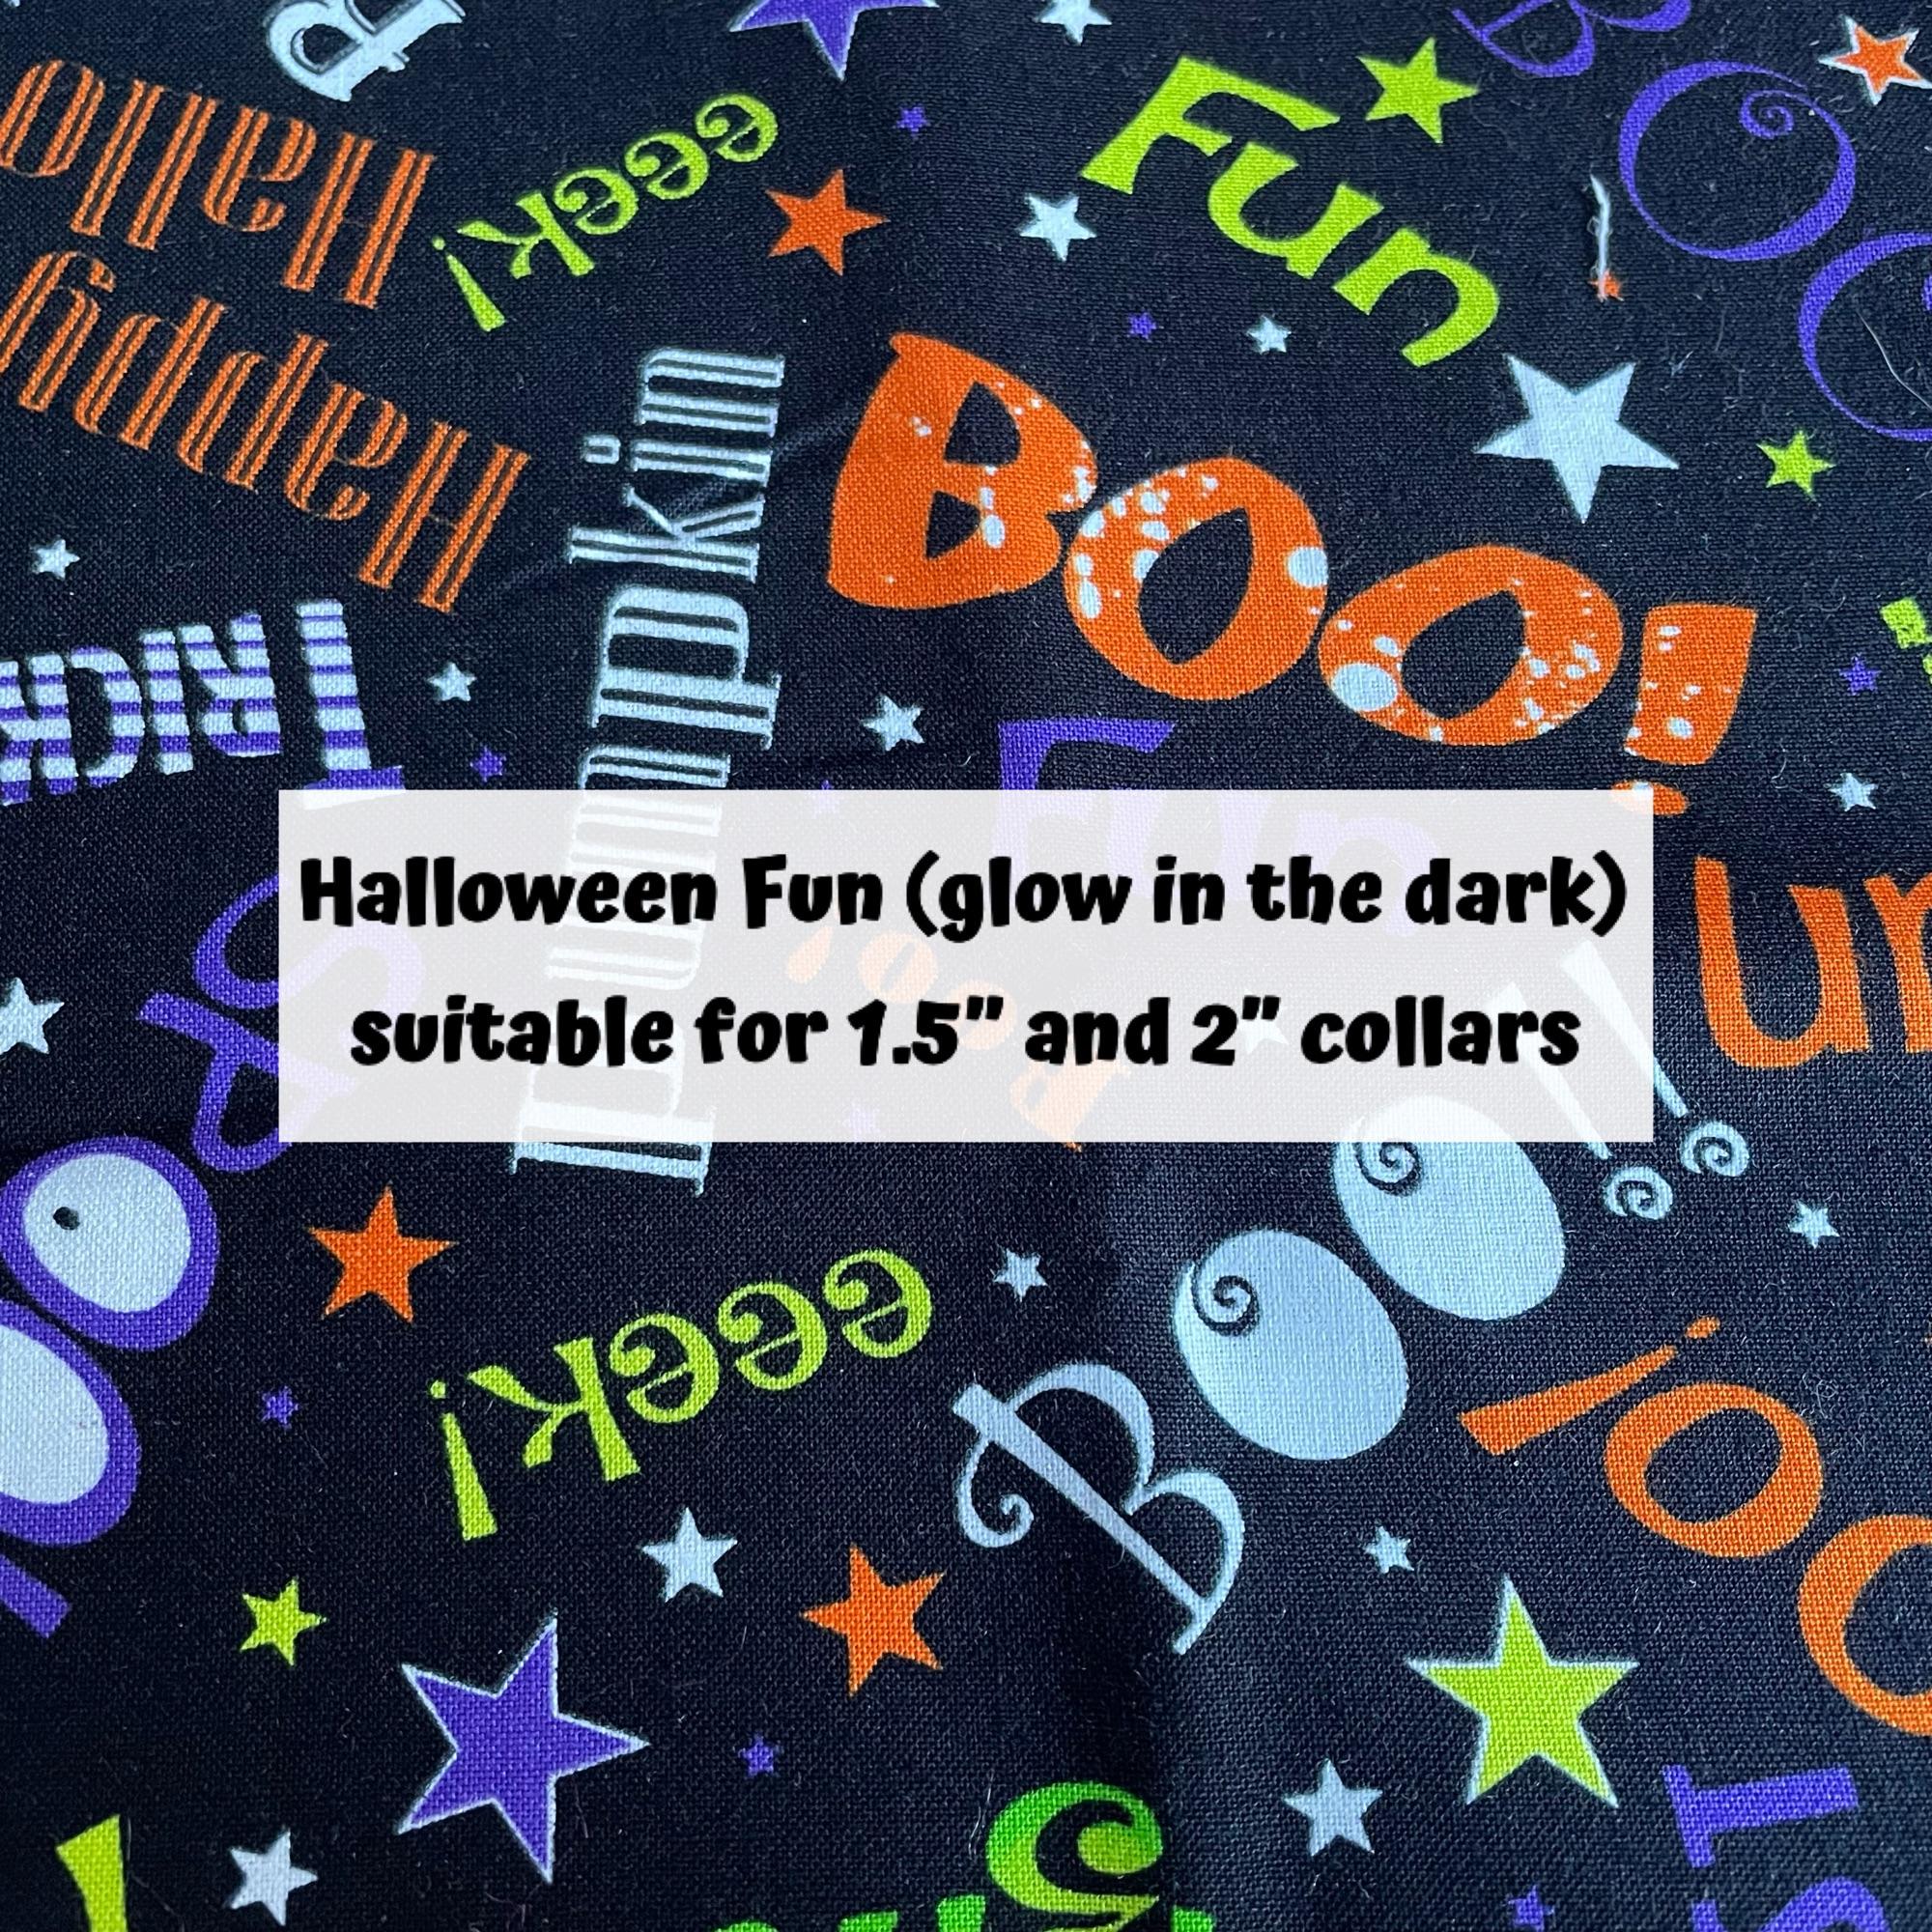 Halloween Fun (glow in the dark)